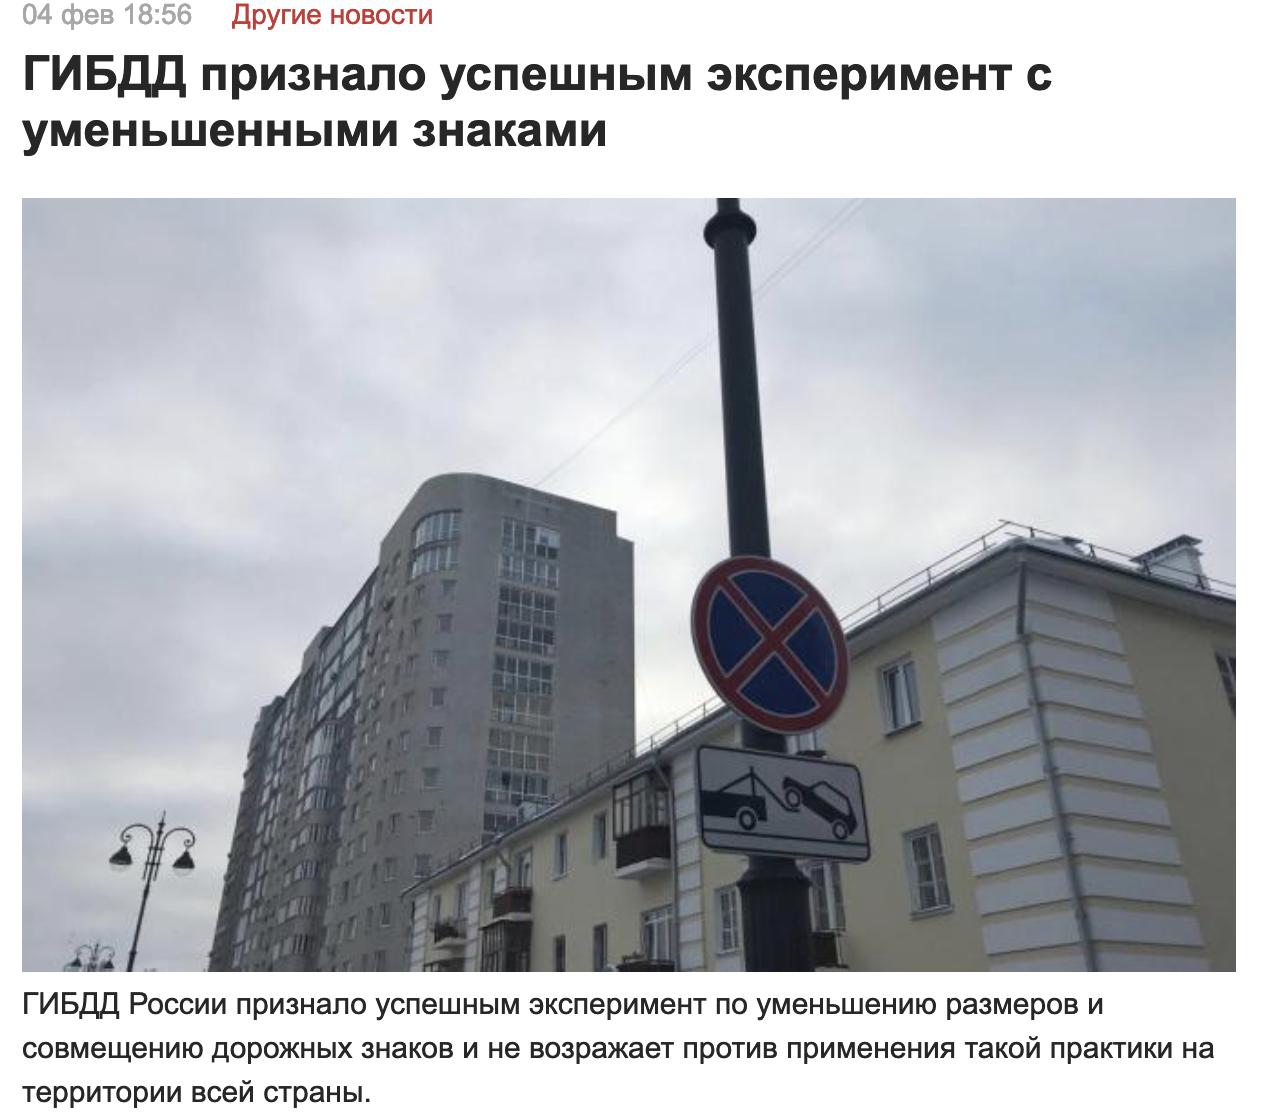 ГИБДД судится против новых дорожных знаков